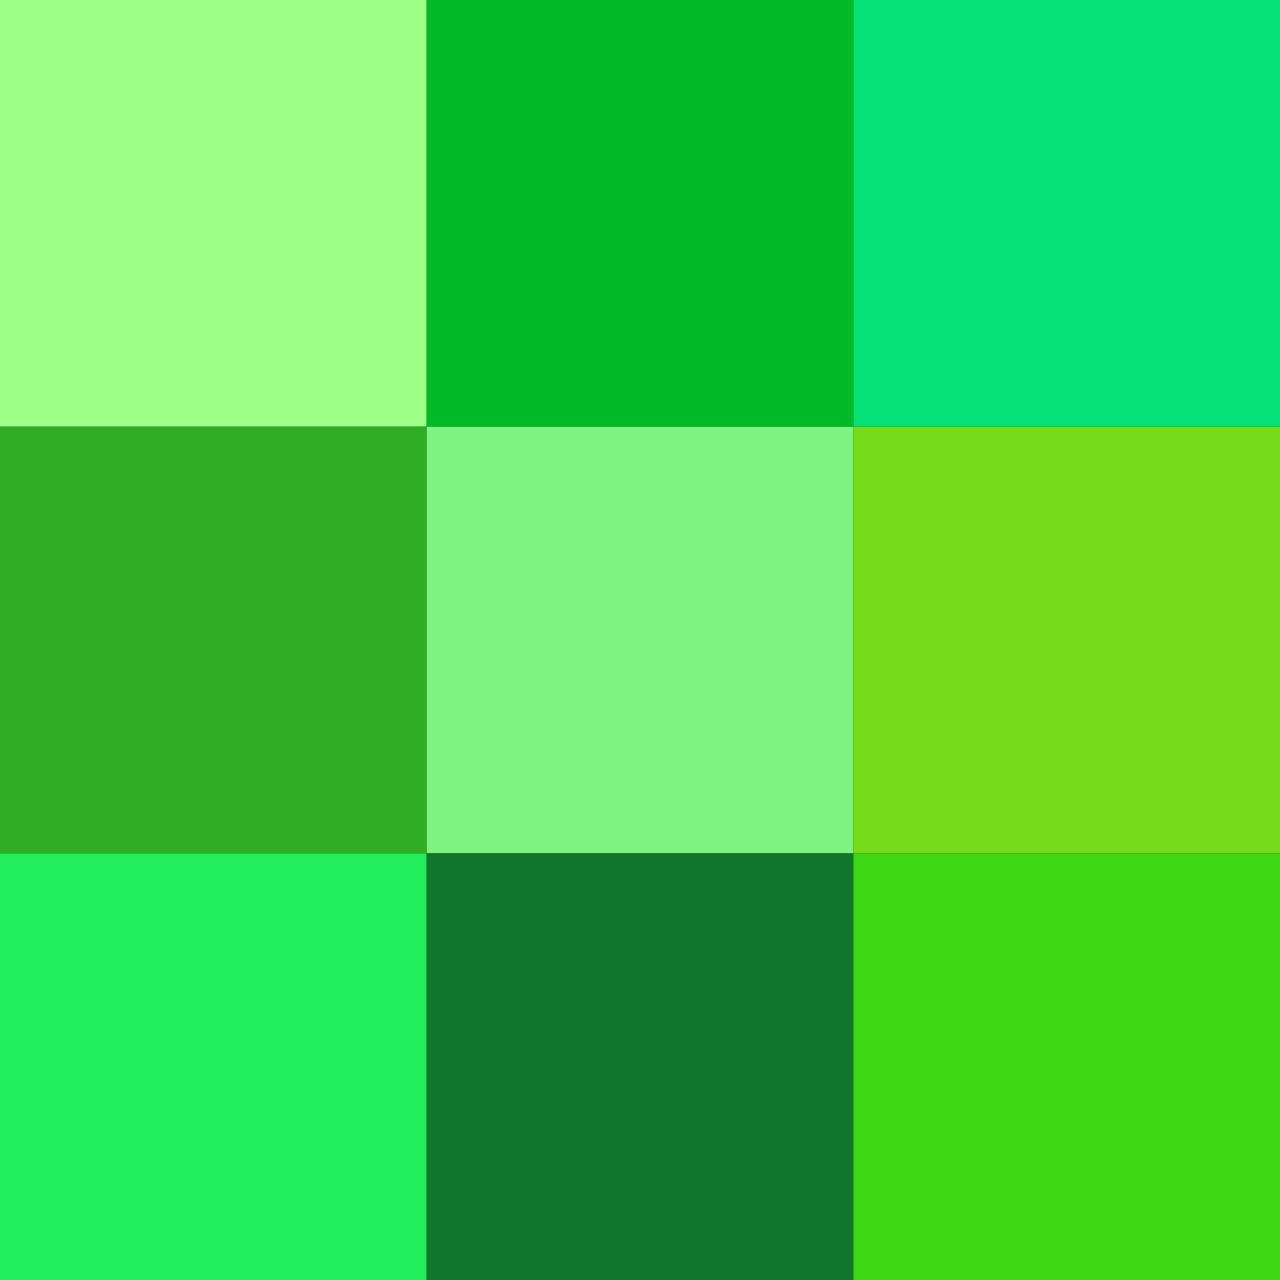 صورة اسماء درجات اللون الاخضر , معرفة اقسام واسماء اللون الاخضر